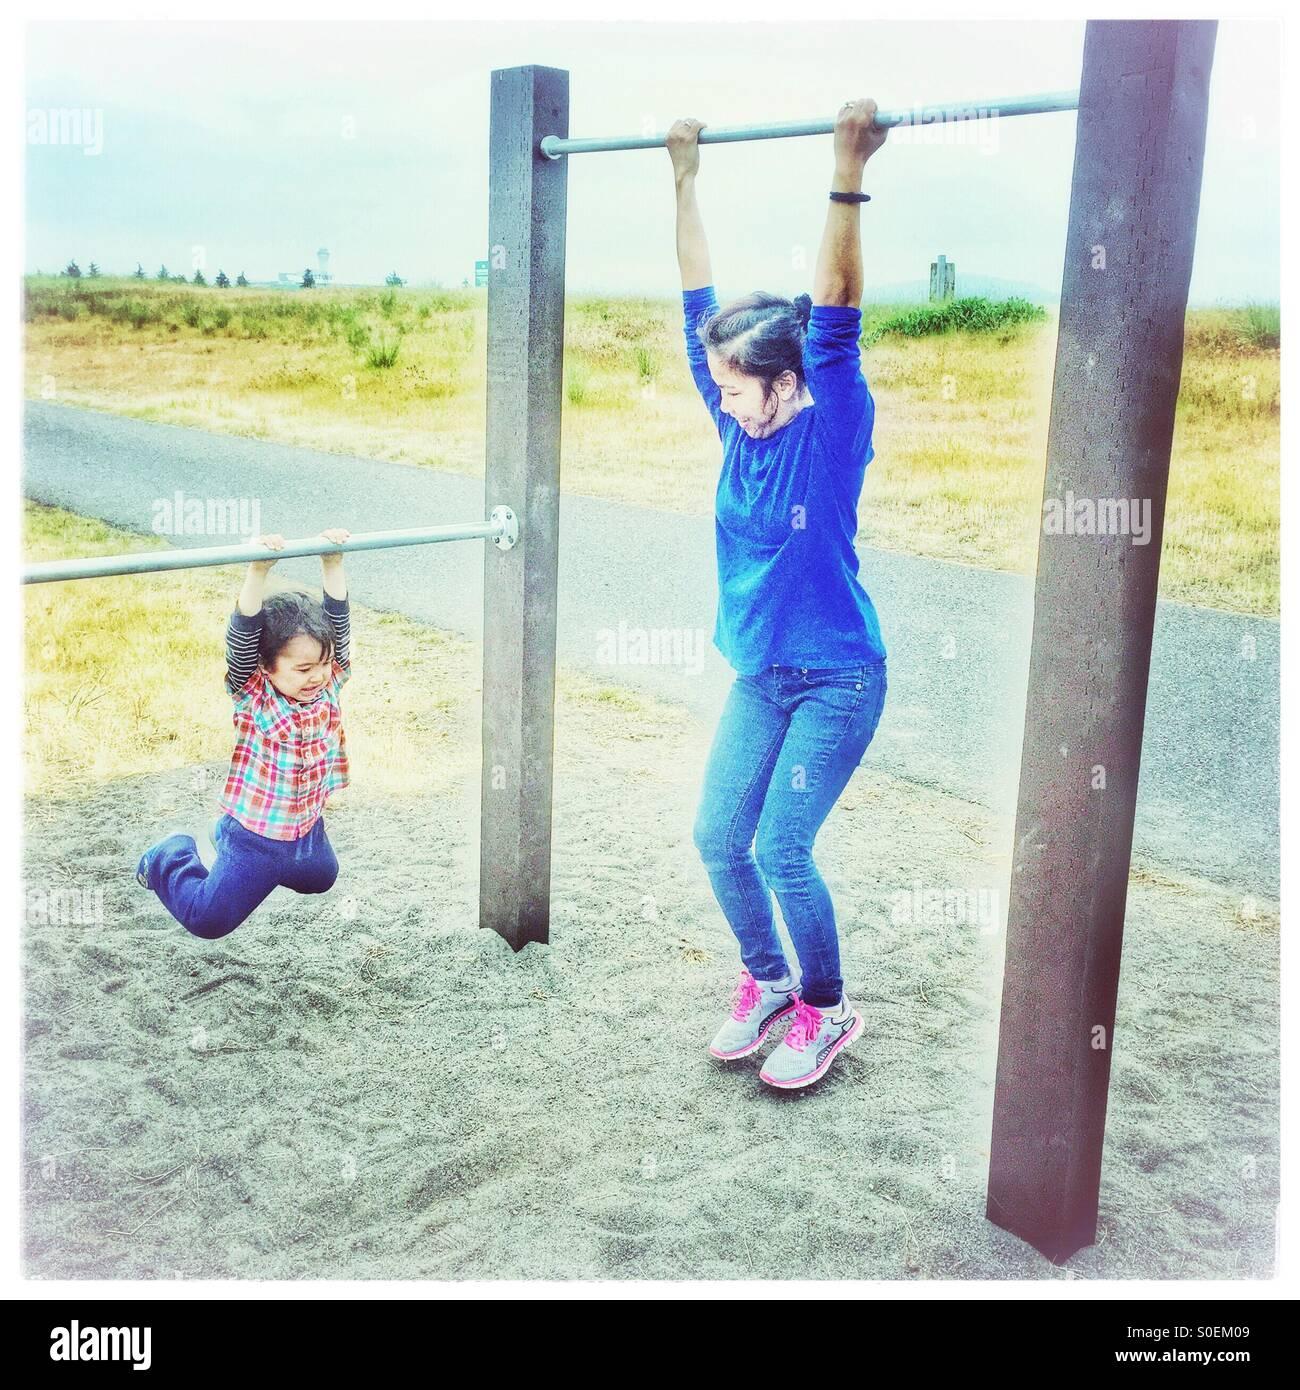 Eine Mutter und Kind finden angrenzenden Pull-up-Bars genau ihre Größe für Übung und Spielzeit Stockbild